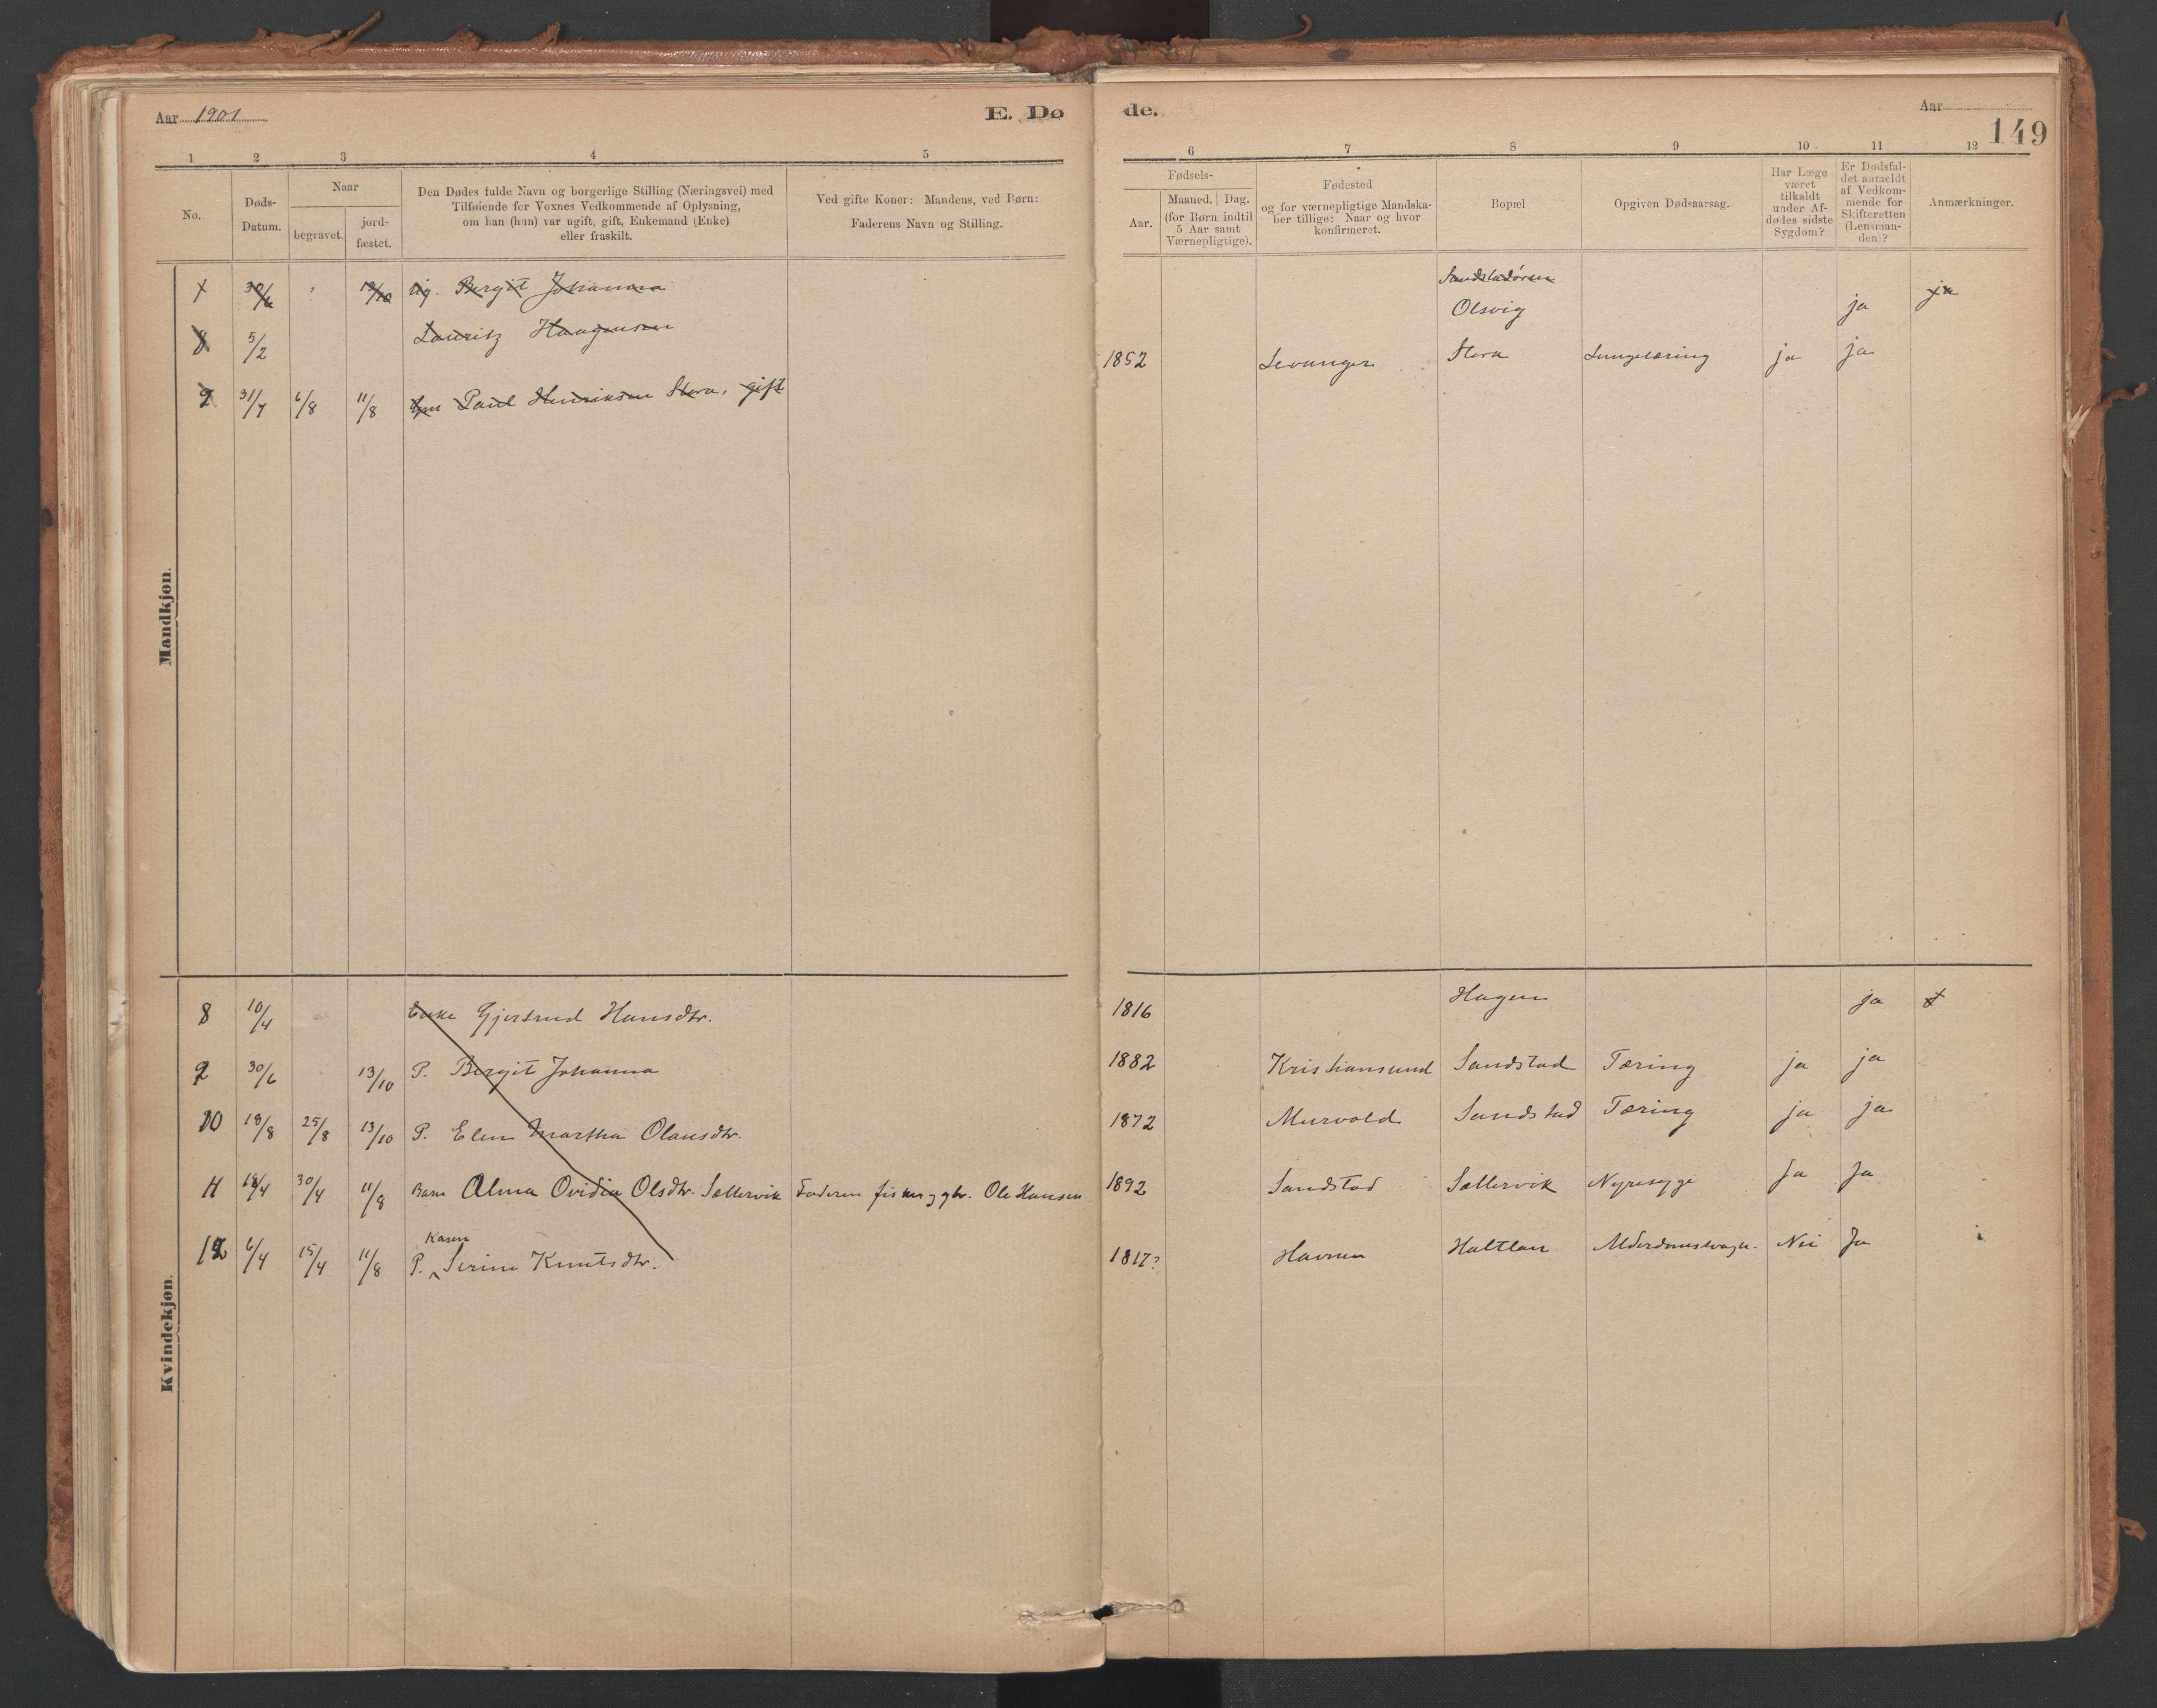 SAT, Ministerialprotokoller, klokkerbøker og fødselsregistre - Sør-Trøndelag, 639/L0572: Ministerialbok nr. 639A01, 1890-1920, s. 149